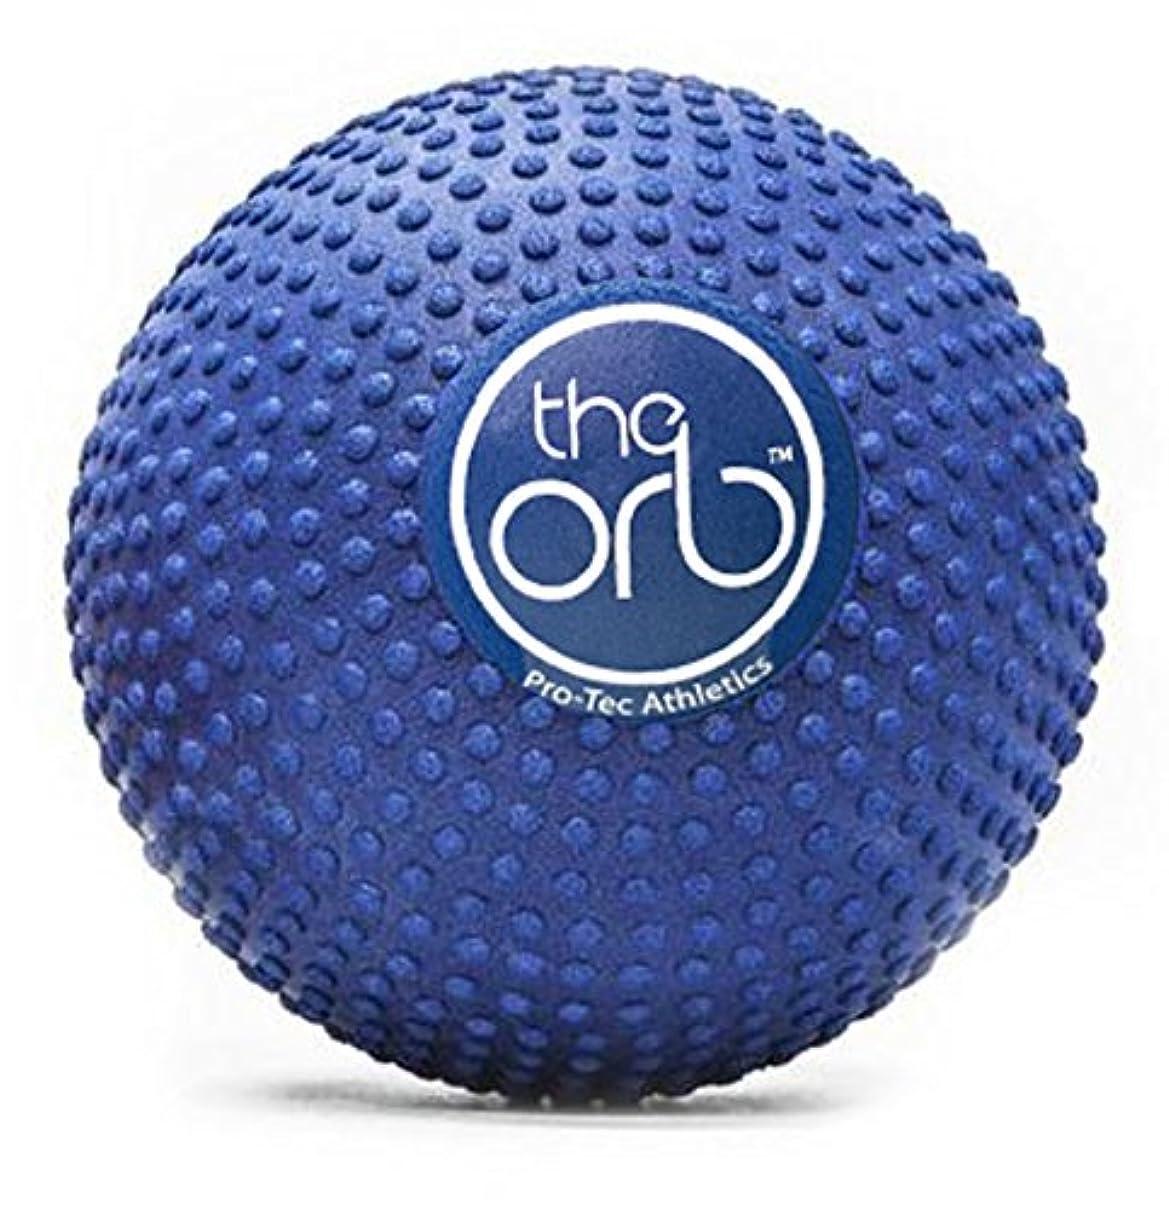 リーン球体楕円形Pro-Tec Athletics(プロテックアスレチックス) The Orb 5